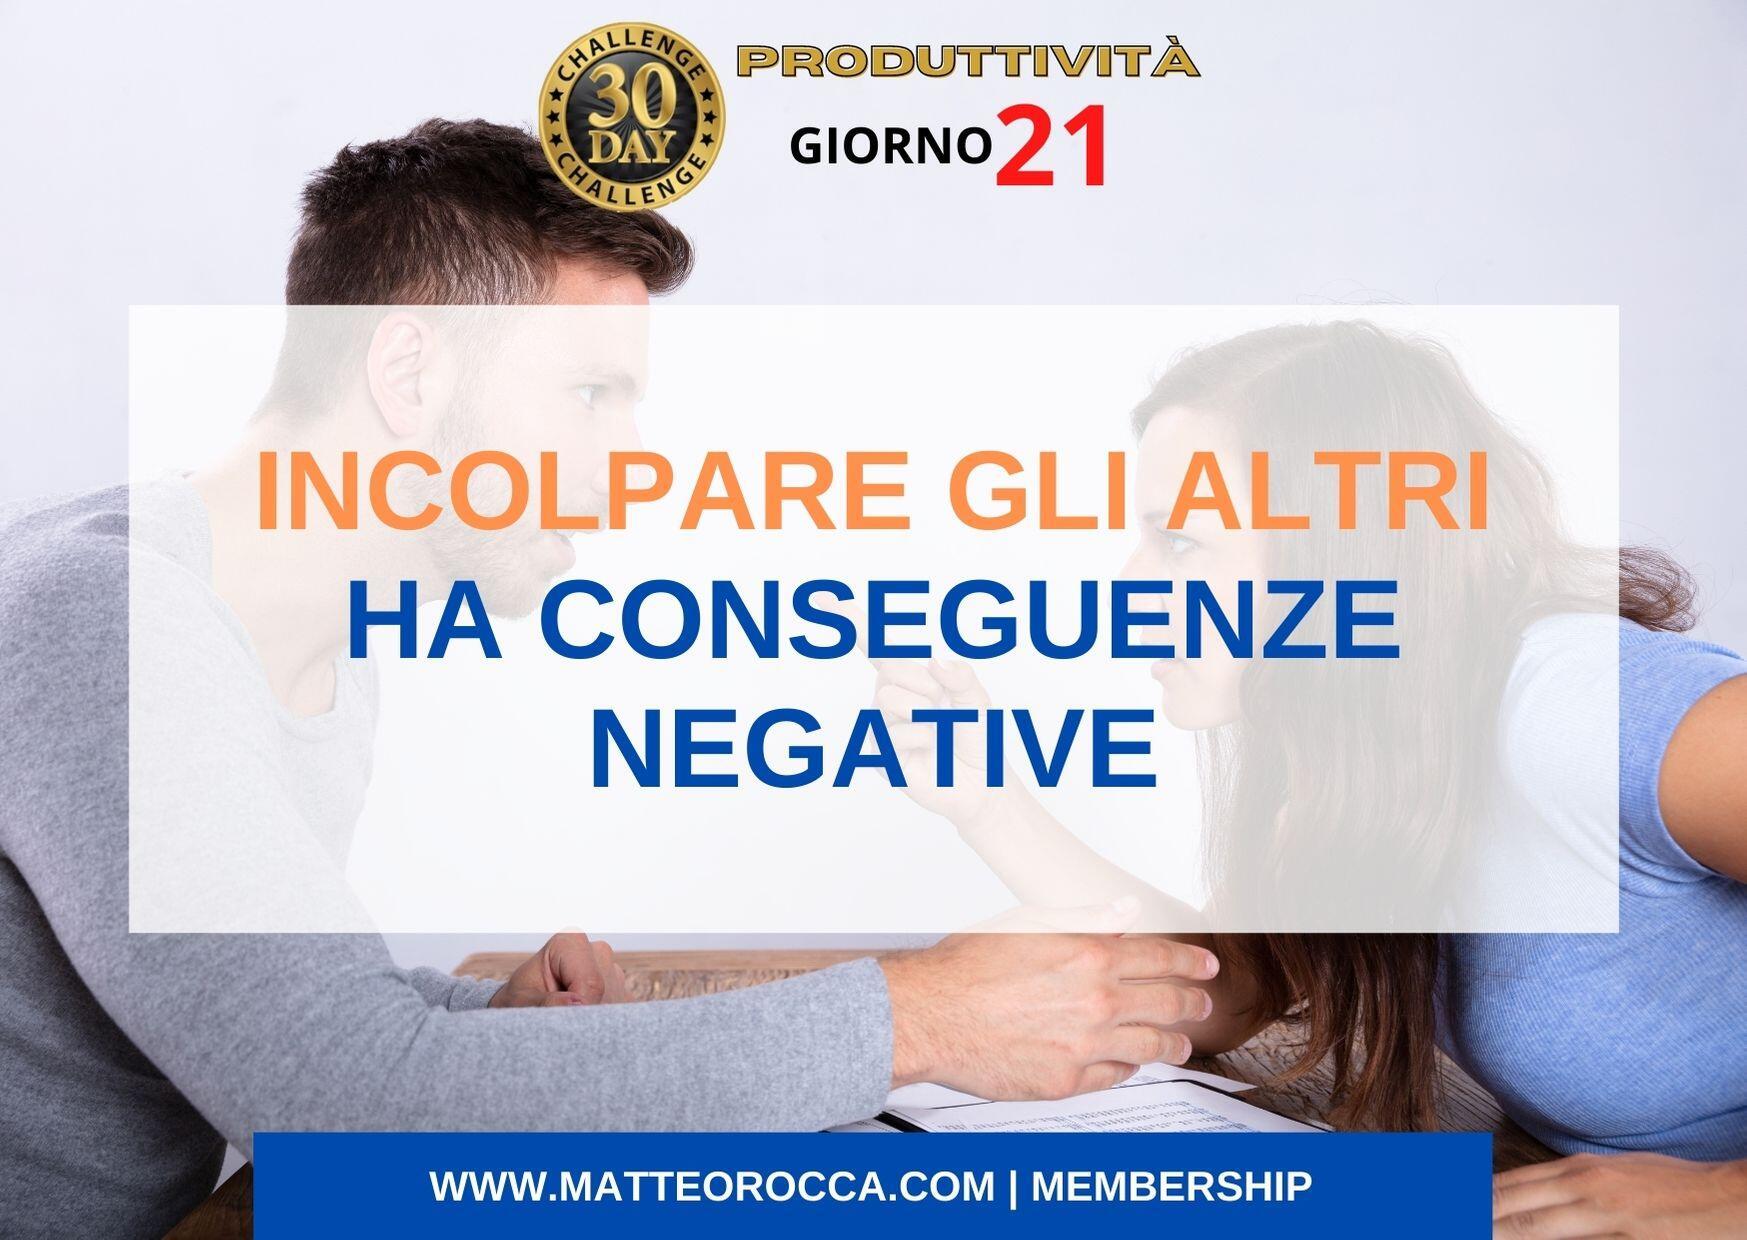 incolpare gli altri ha conseguenze negative (titolo)